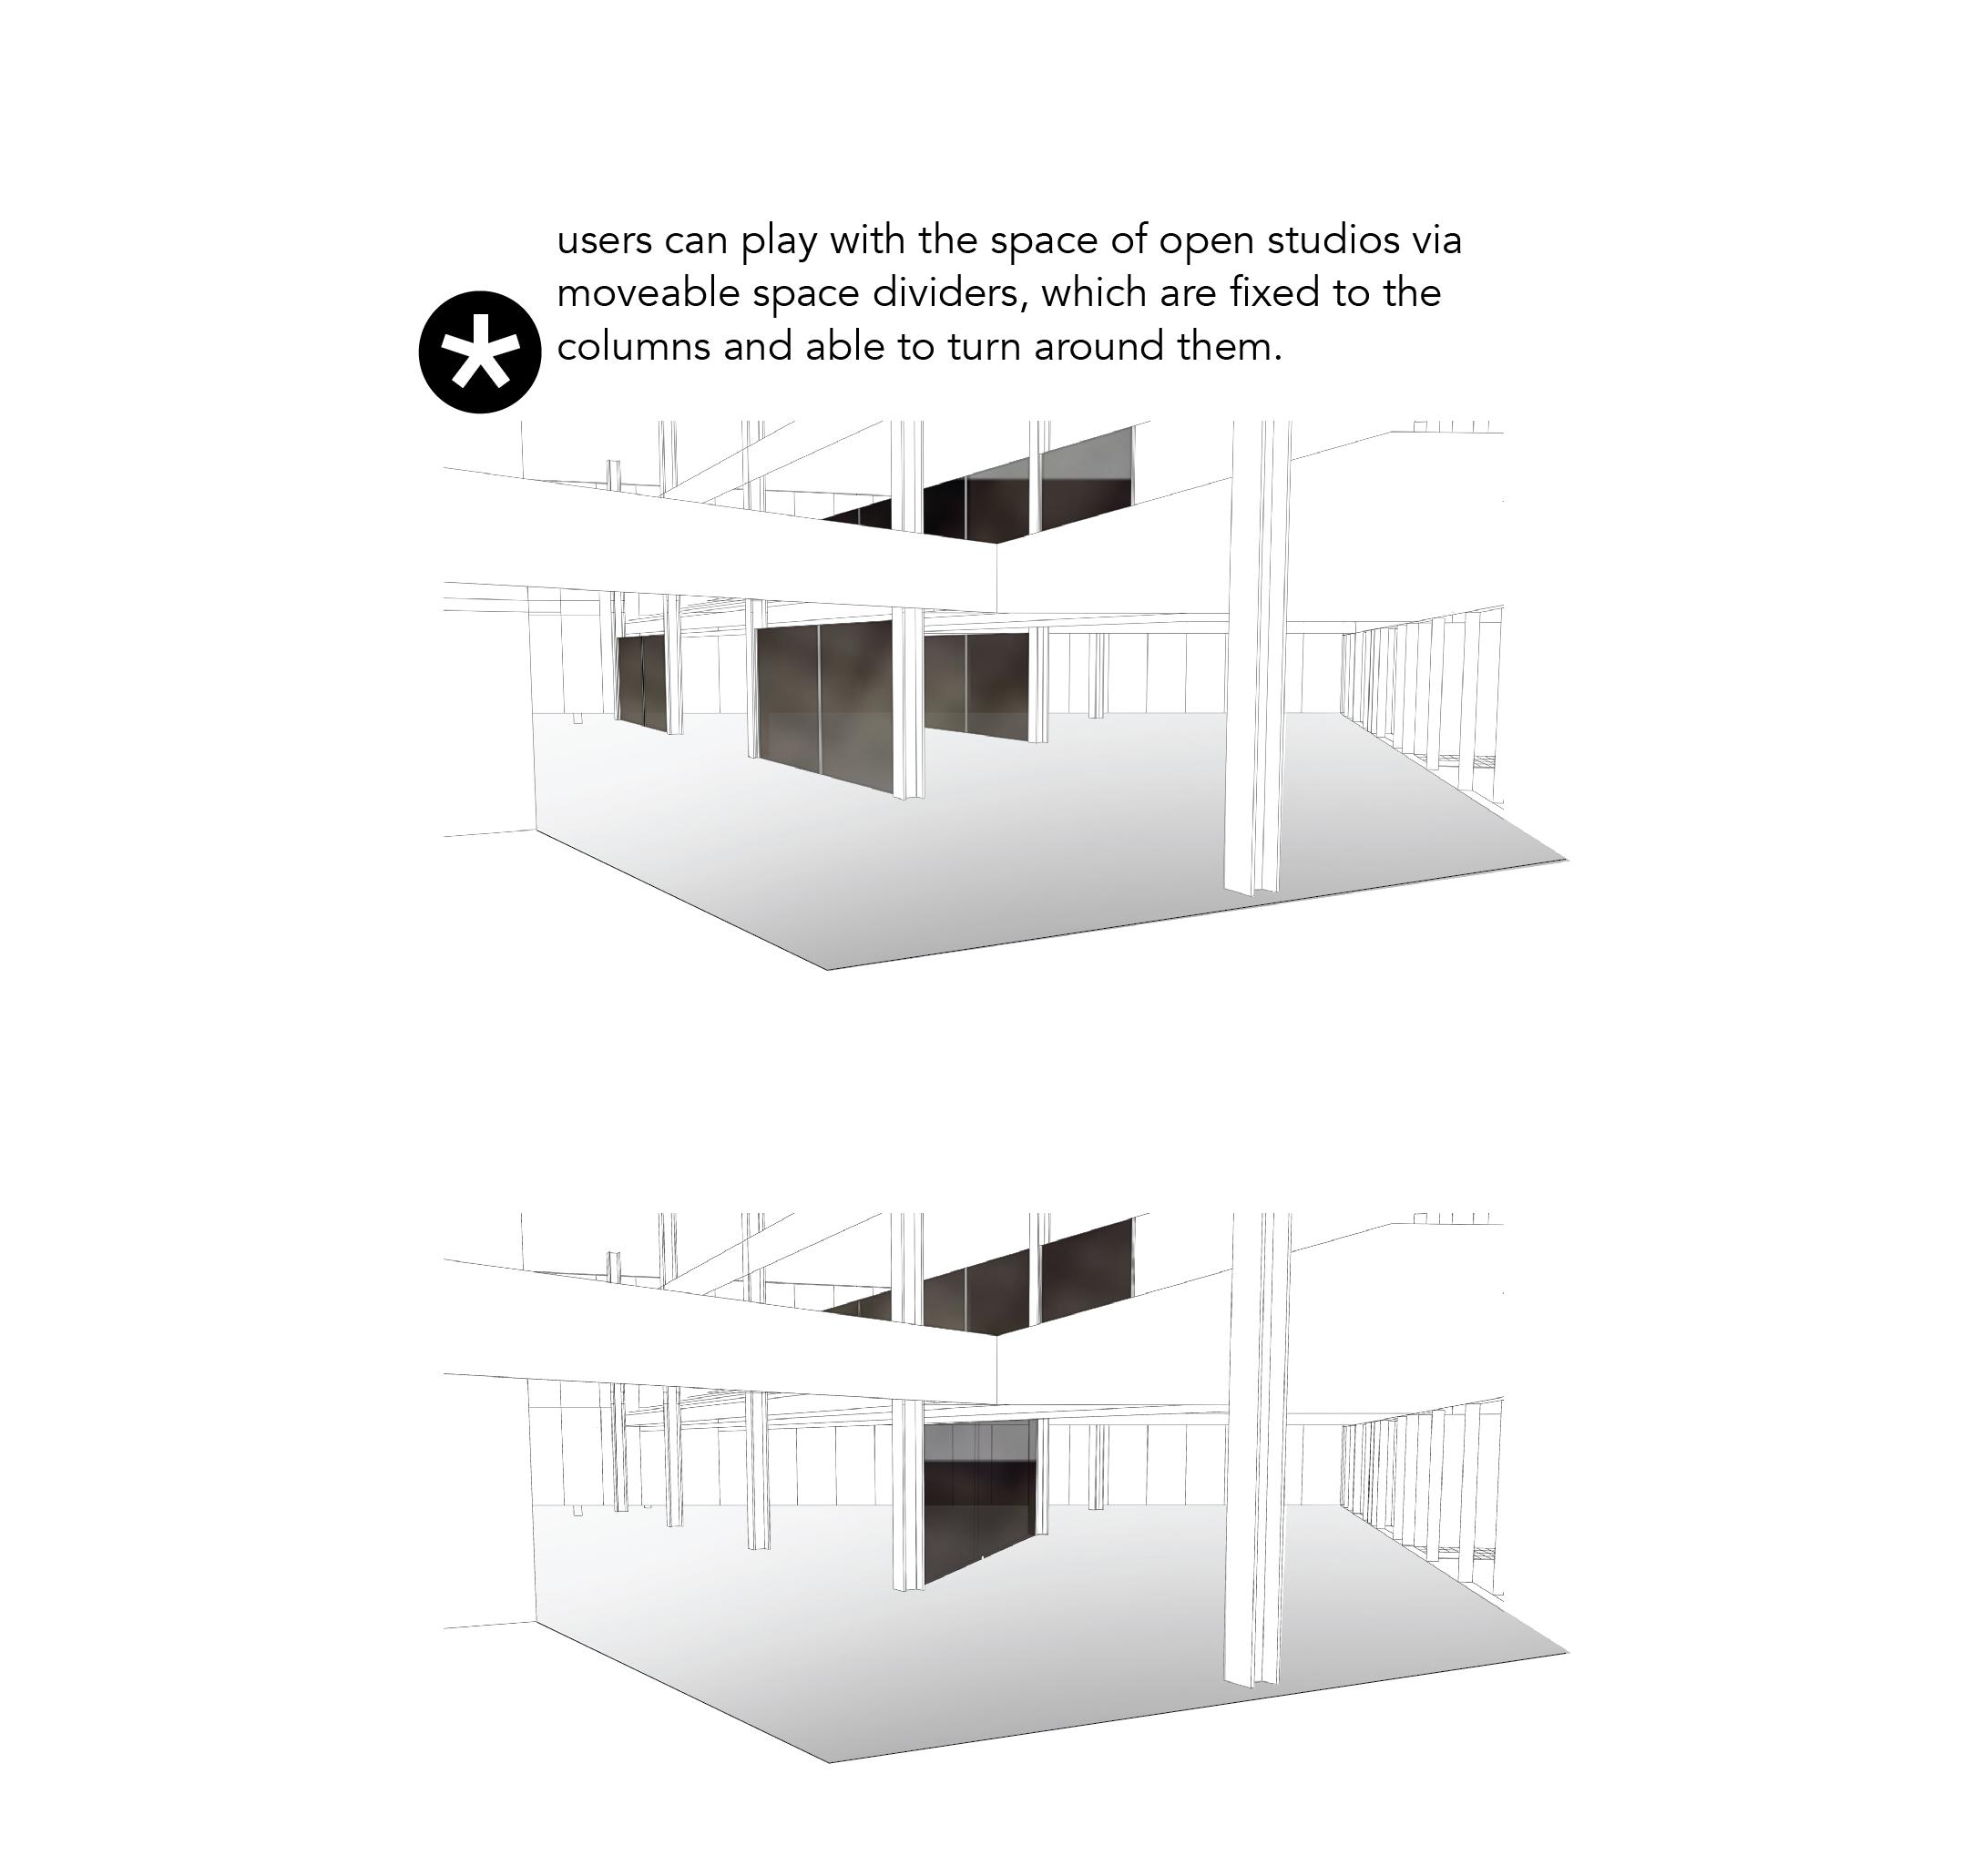 effectus-diagram-07.jpg